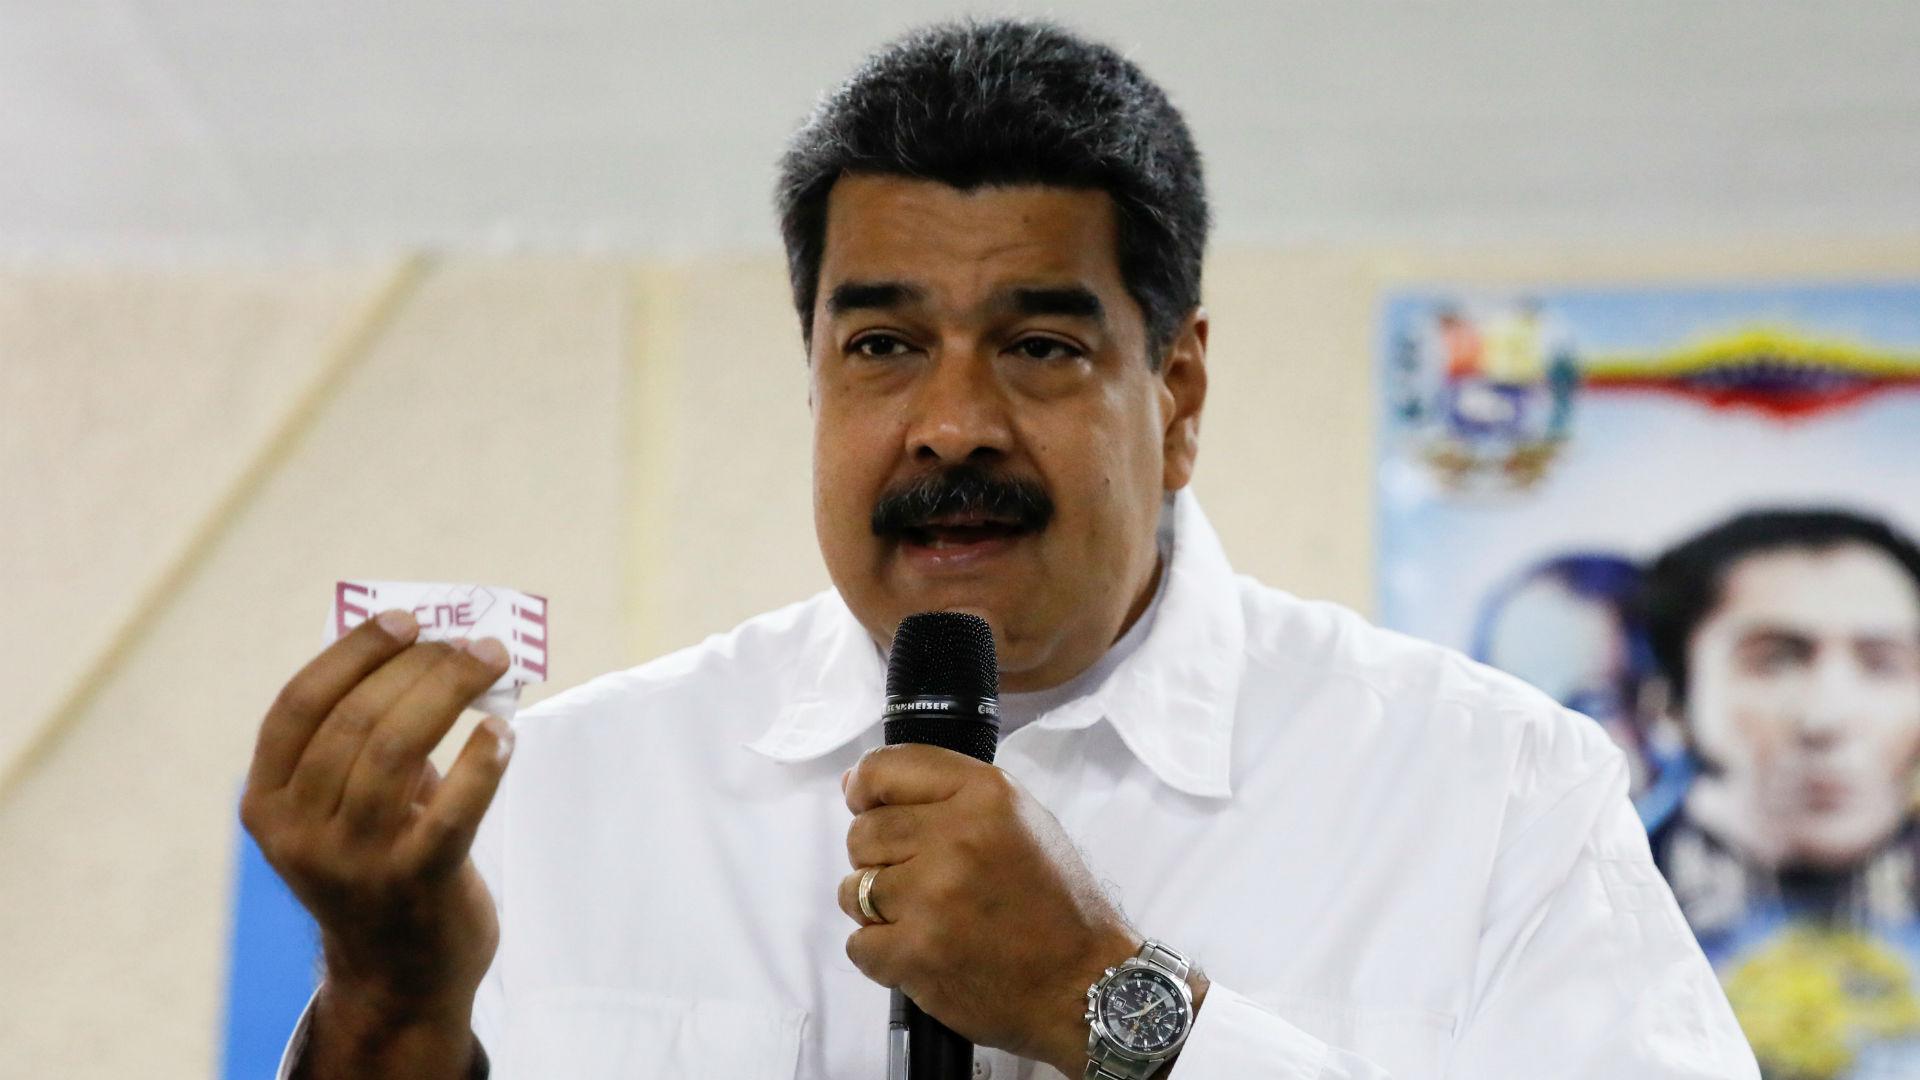 Nicolás Maduro durante el simulacro de voto realizado el pasado domingo (Reuters)